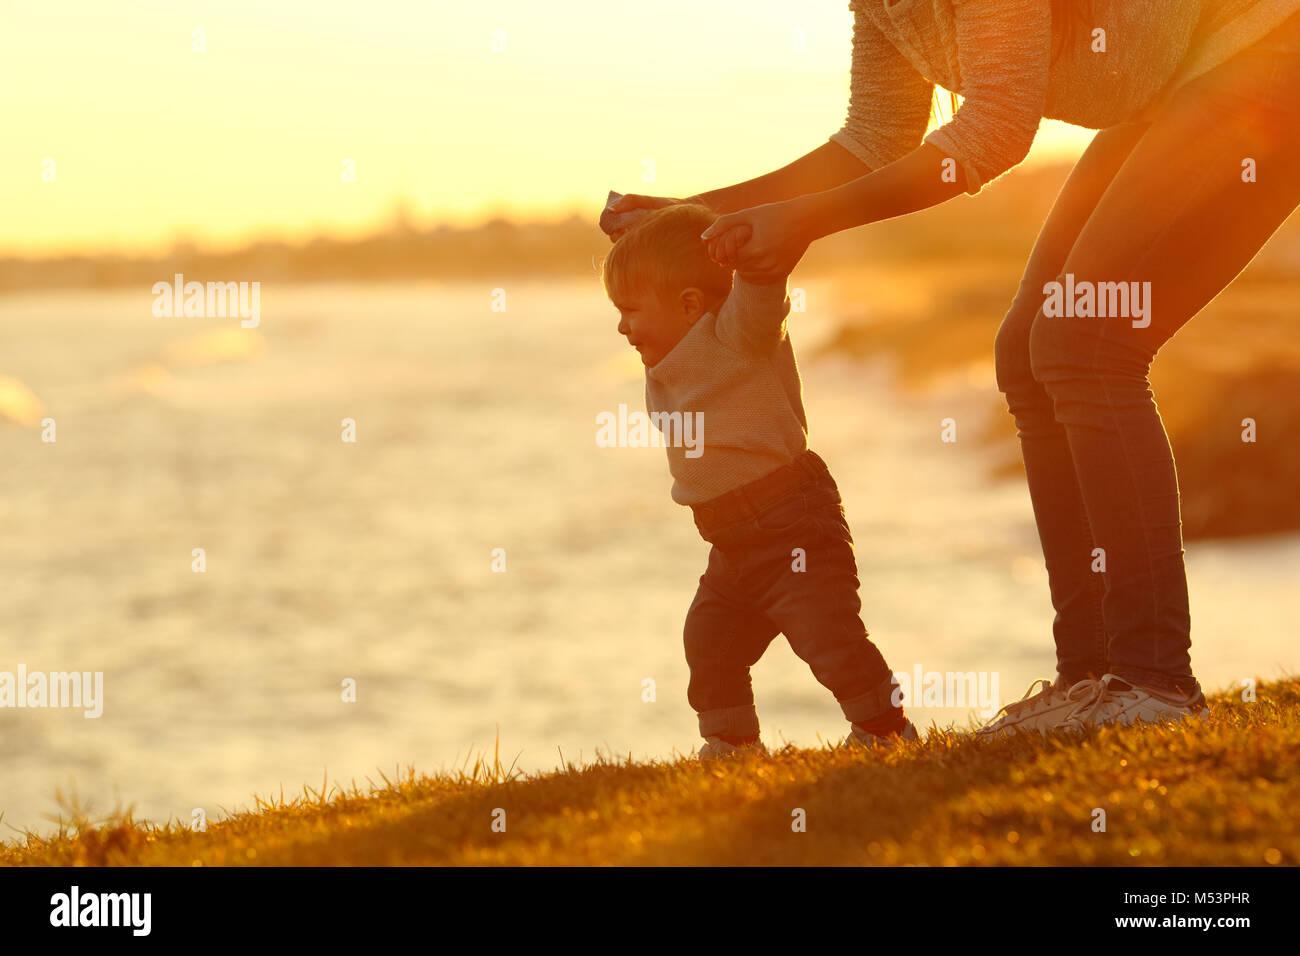 Silhouette rétro-éclairage d'un certain bébé l'apprentissage de la marche et sa maman Photo Stock